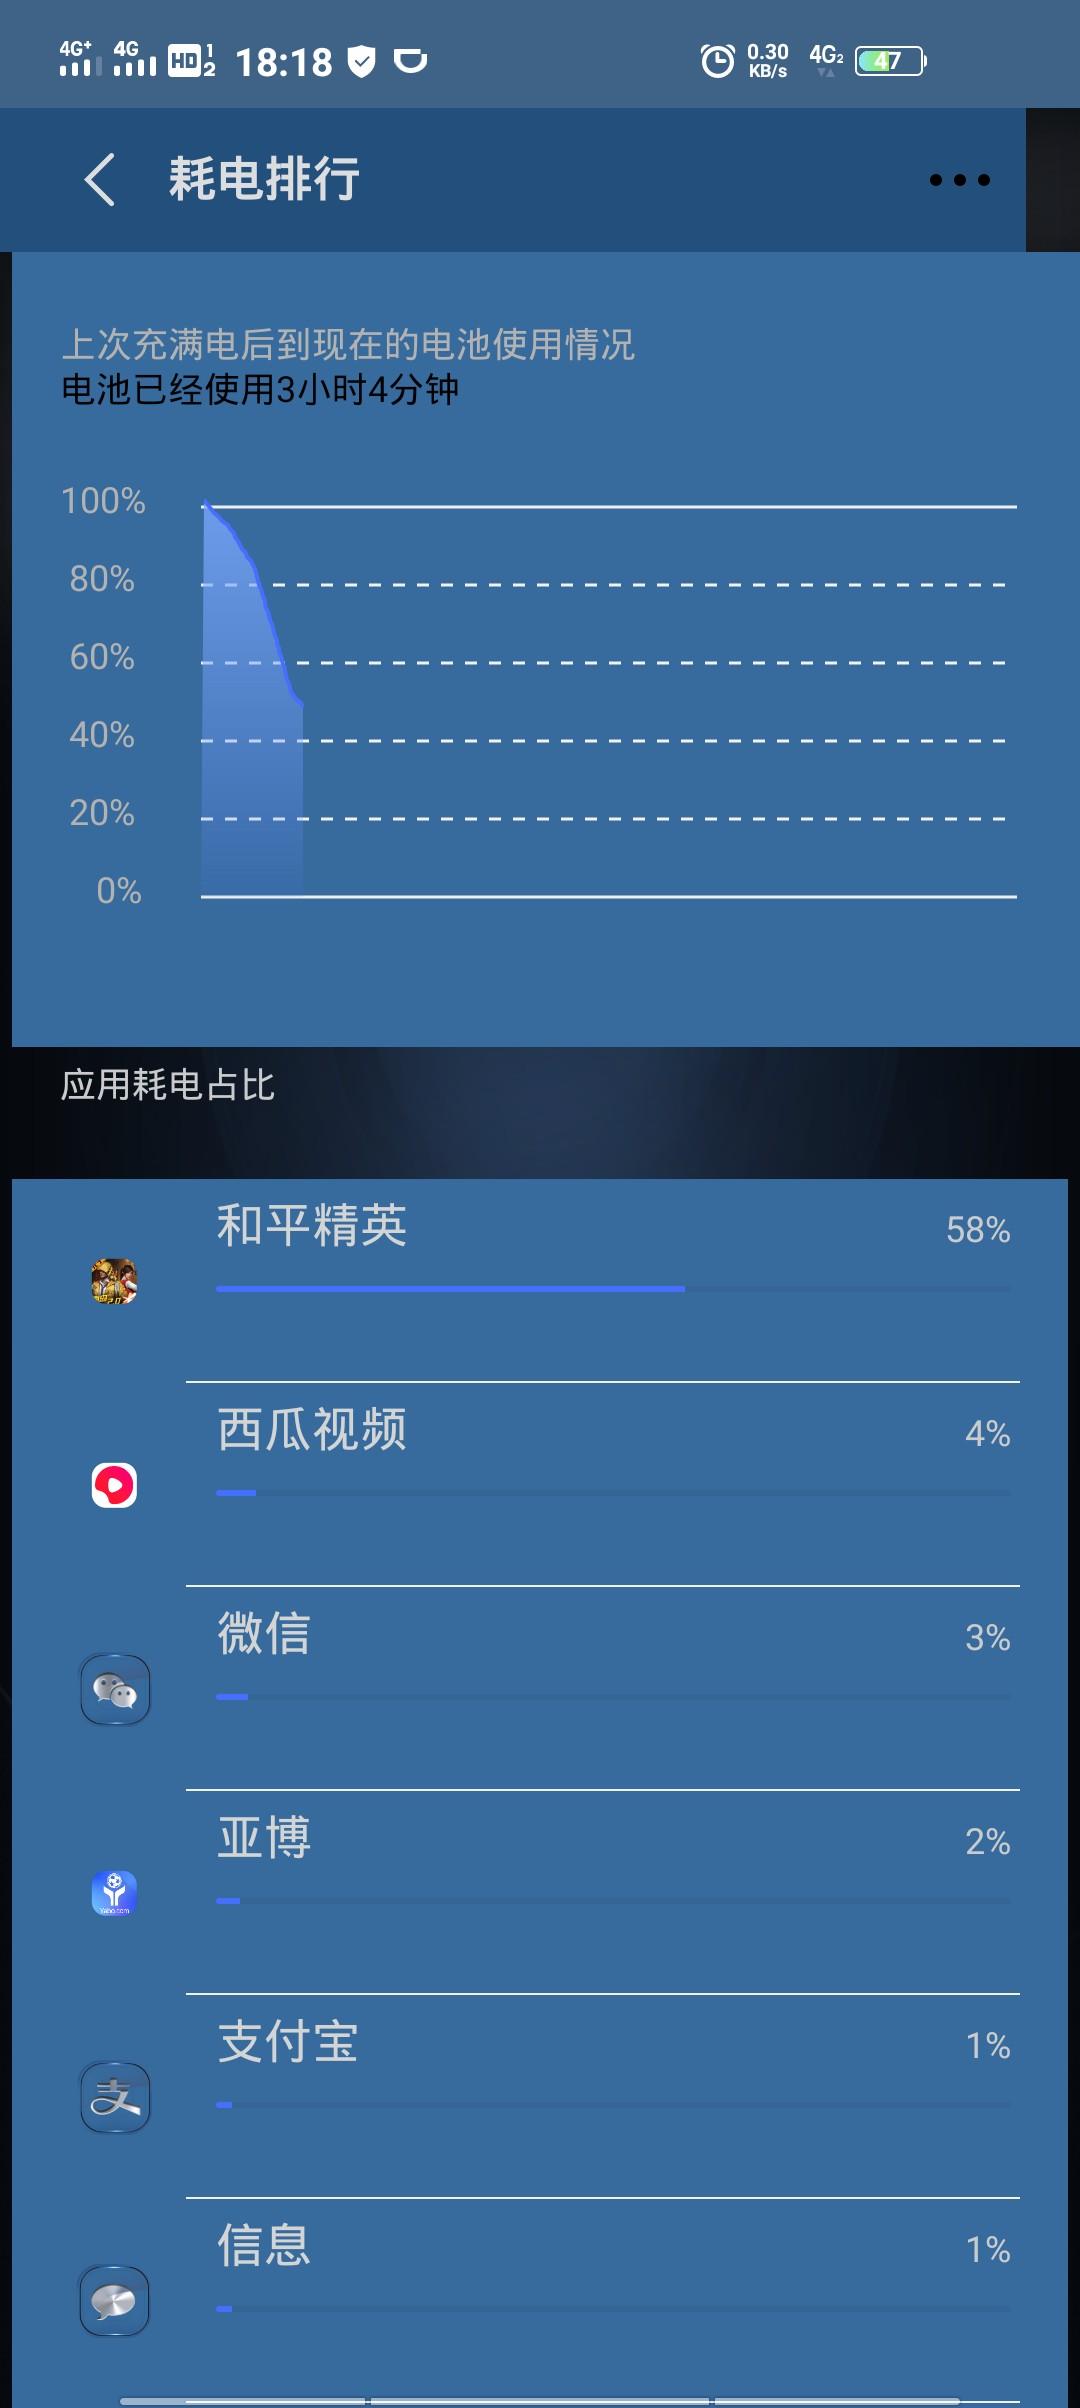 Screenshot_2020_0726_181807.jpg